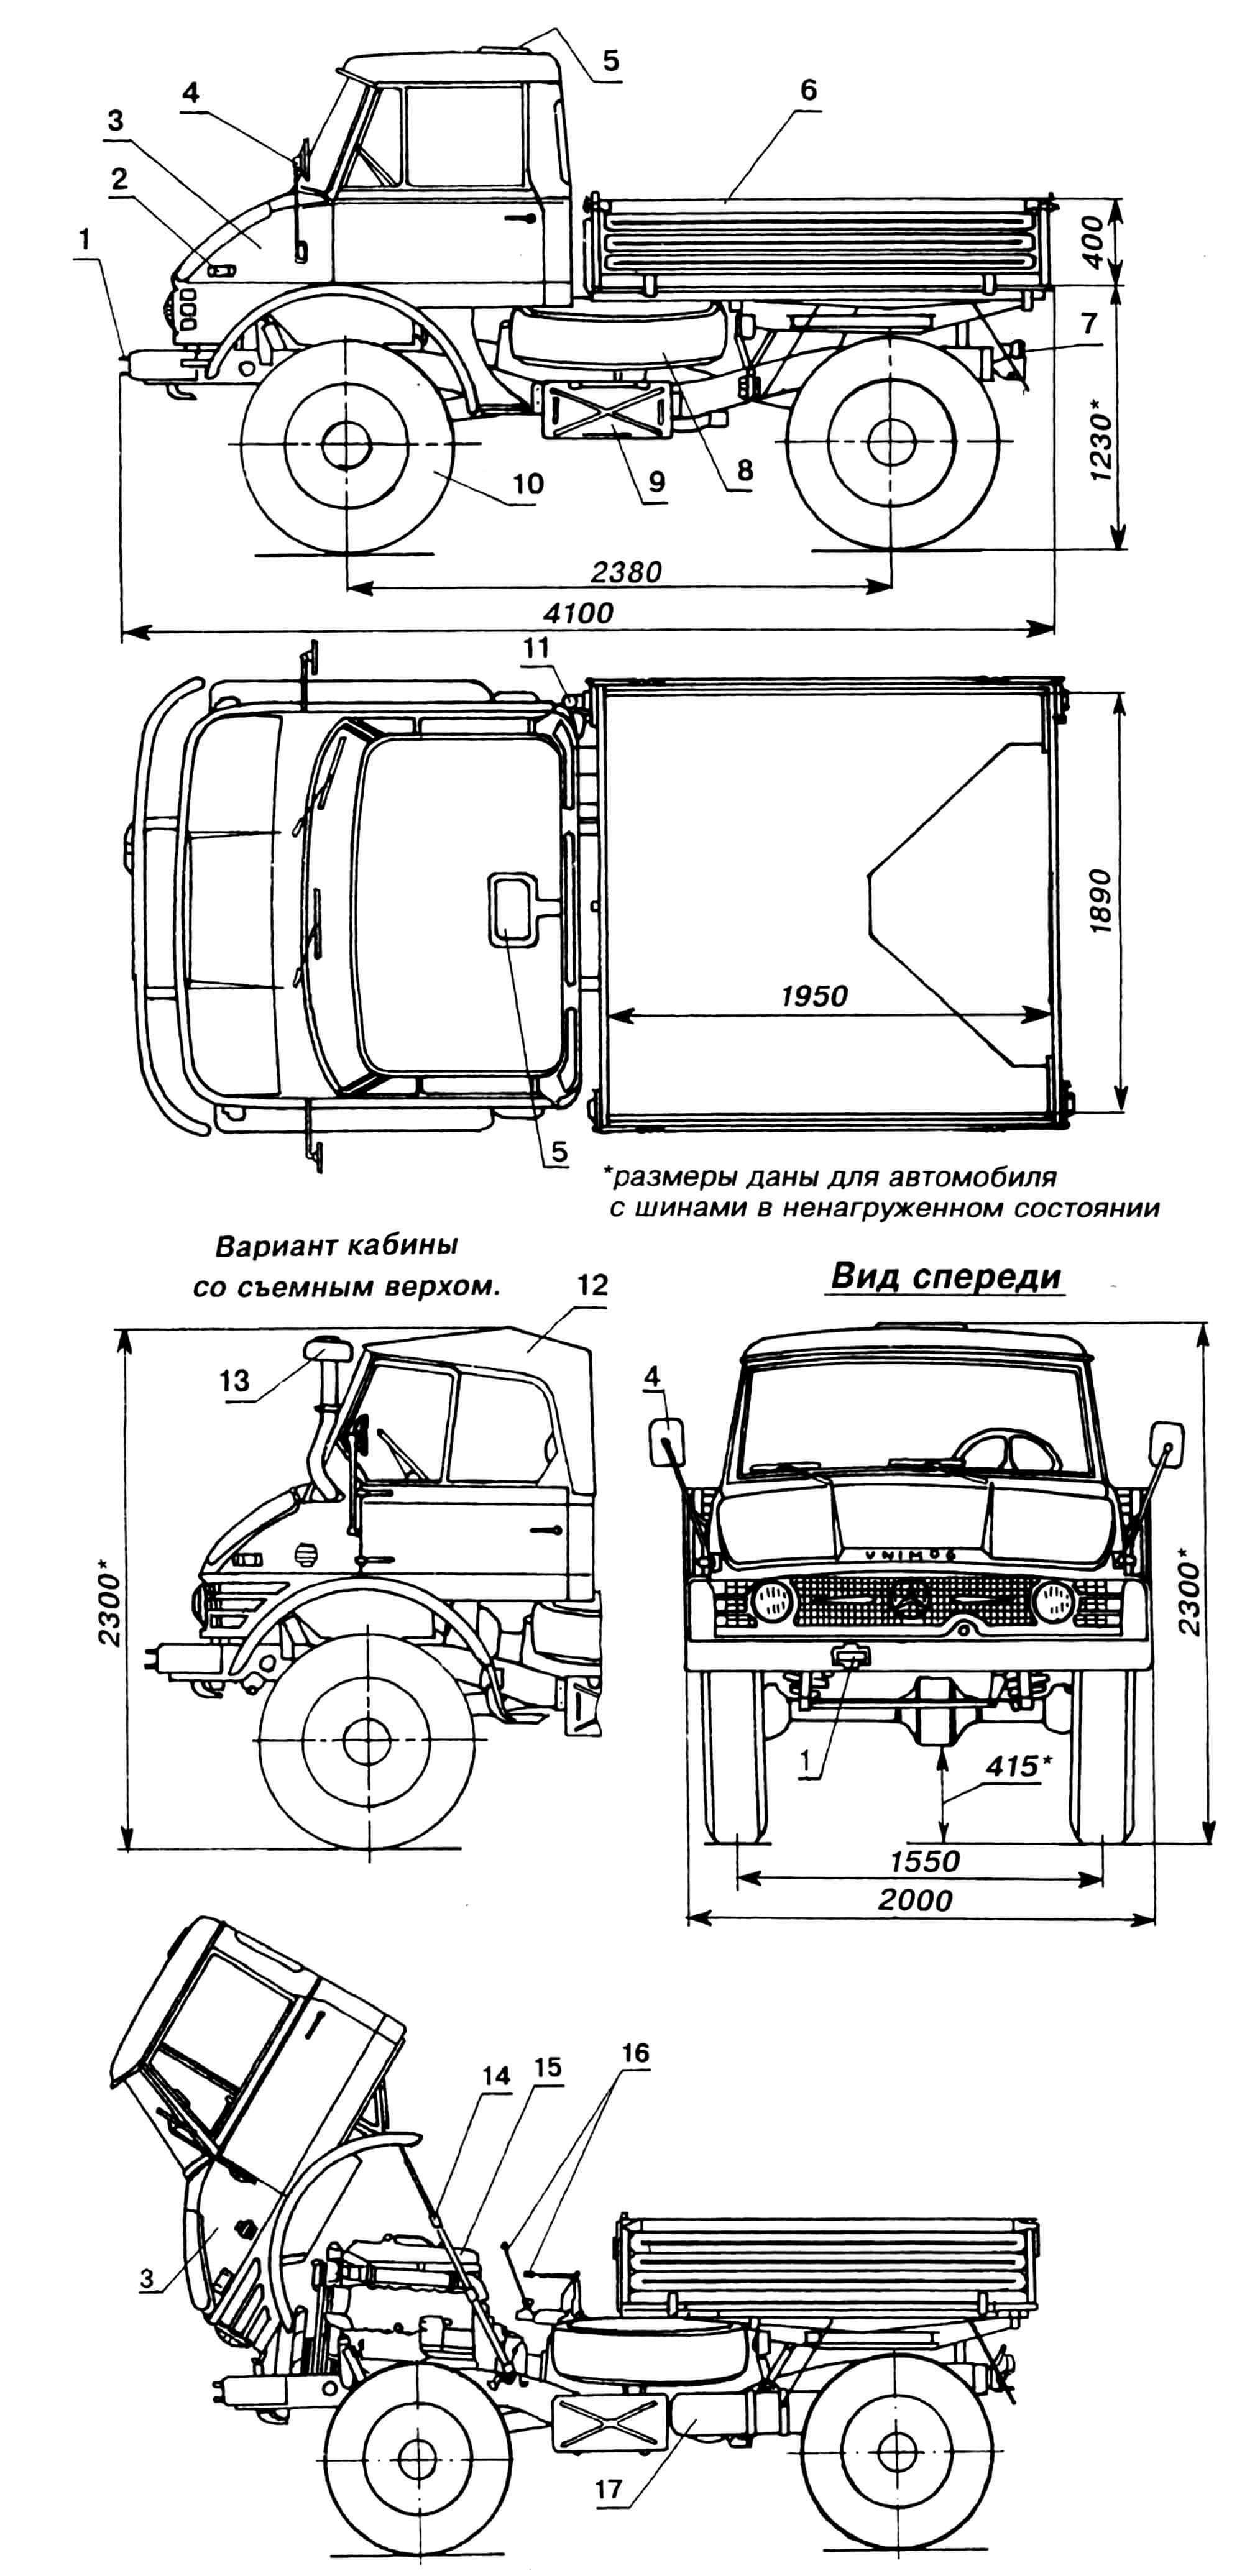 """«Унимог» модели U66/403: 1 — проушина буксирная, 2 — указатель поворота, 3 — кабина, 4 — зеркала заднего вида, 5 — лючок вентиляционный, 6 — платформа грузовая, 7 — фонарь стоп-сигнала, 8 — колесо запасное, 9 — ящик инструментальный, 10 — колеса с шинами 10,5x20"""", 11 — горловина топливного бака, 12 — тент кабины, 13 — воздухозаборник, 14 — гидроподъемник кабины, 15 — двигатель, 16 — рычаги переключения передач, 17 — пневморесивер."""